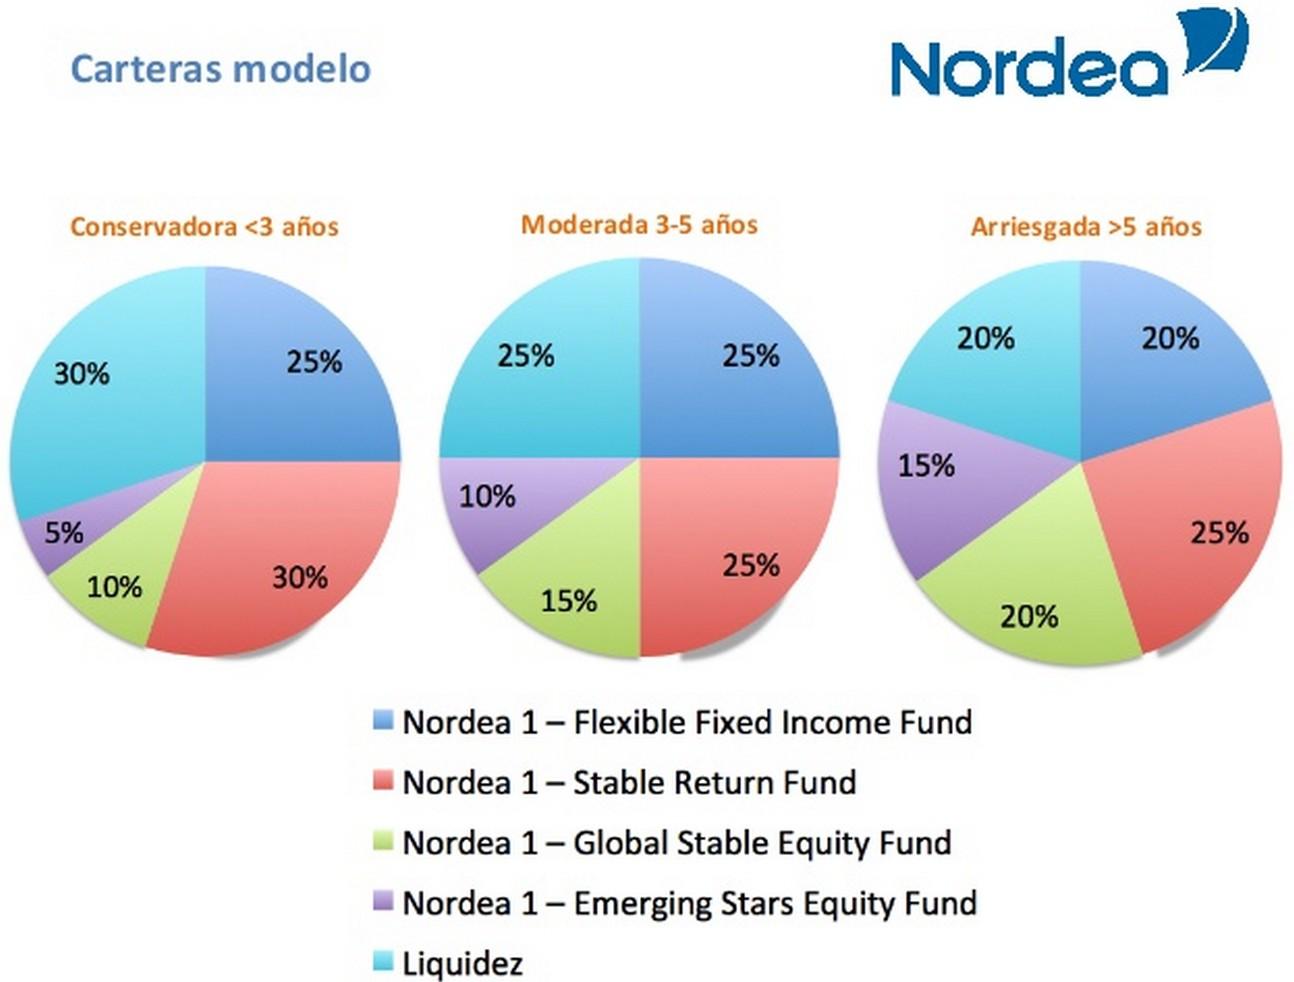 ¿Cómo batir a los mercados? Evento Valencia con Nordea y Aberdeen - Rankia